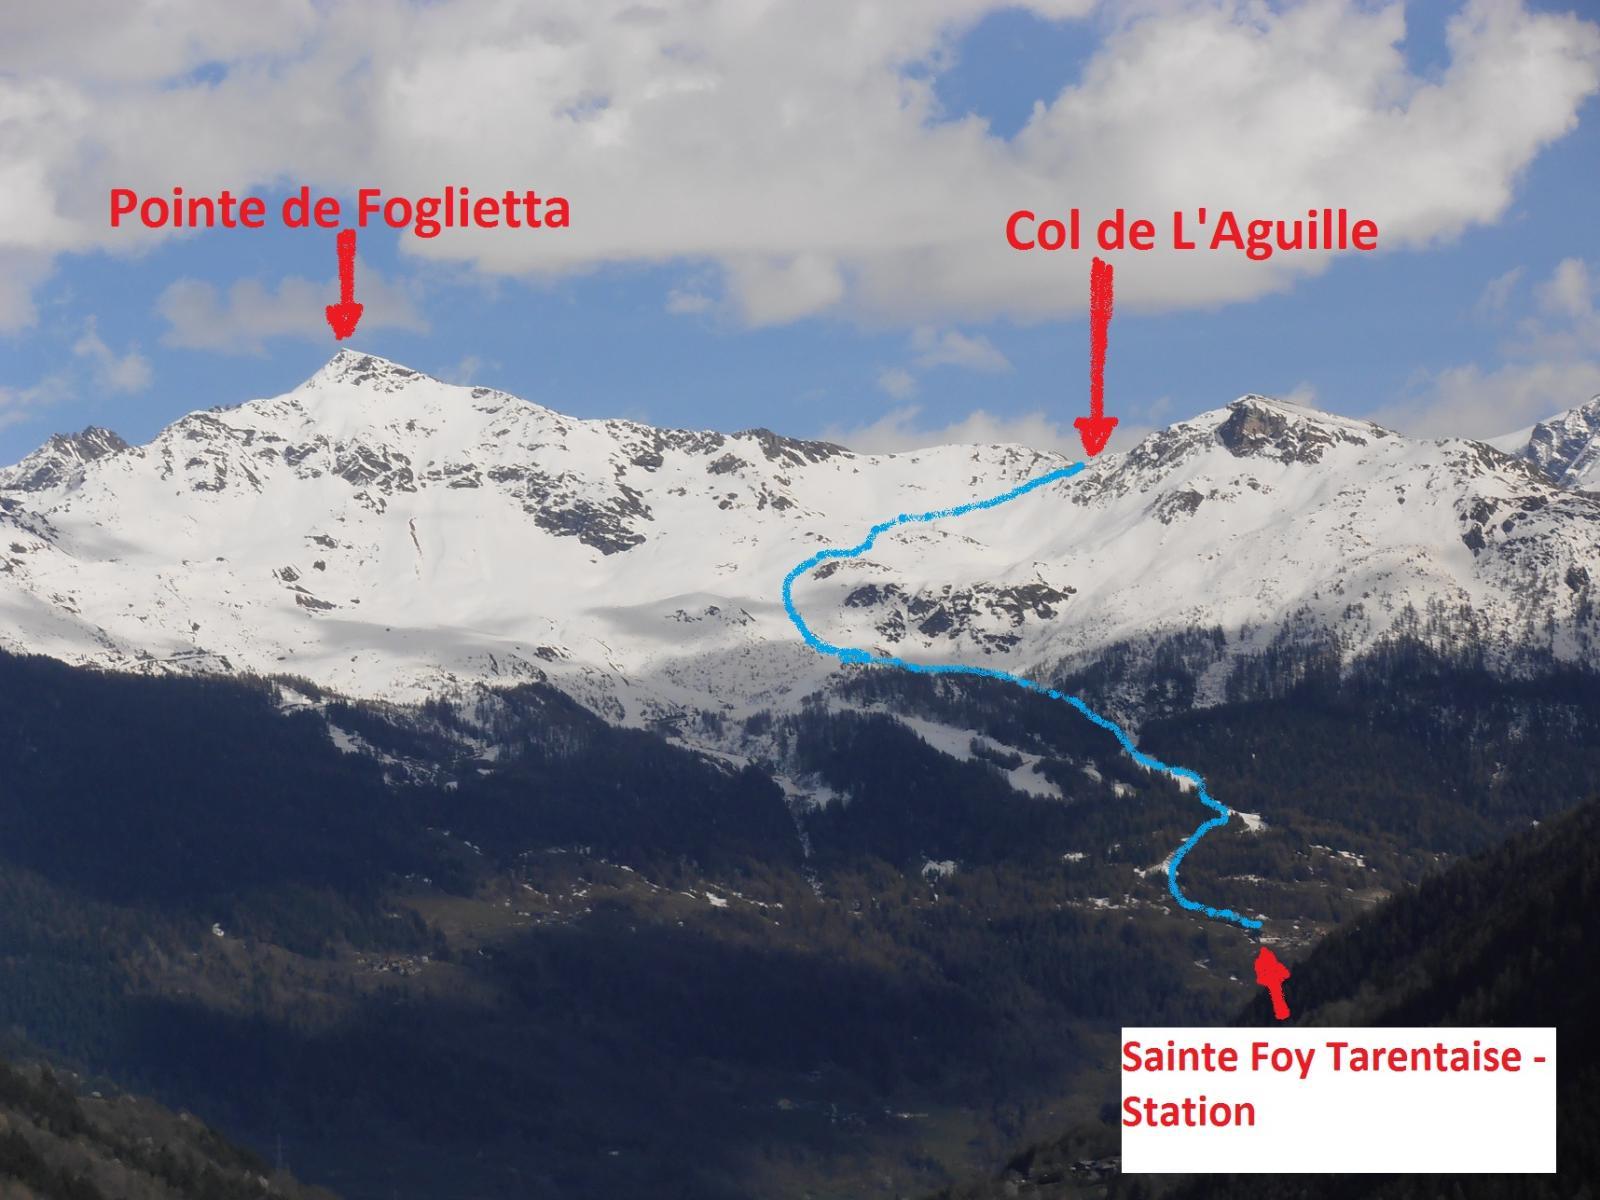 01 - Pointe de la Foglietta e Col de l'Aguille - itinerario